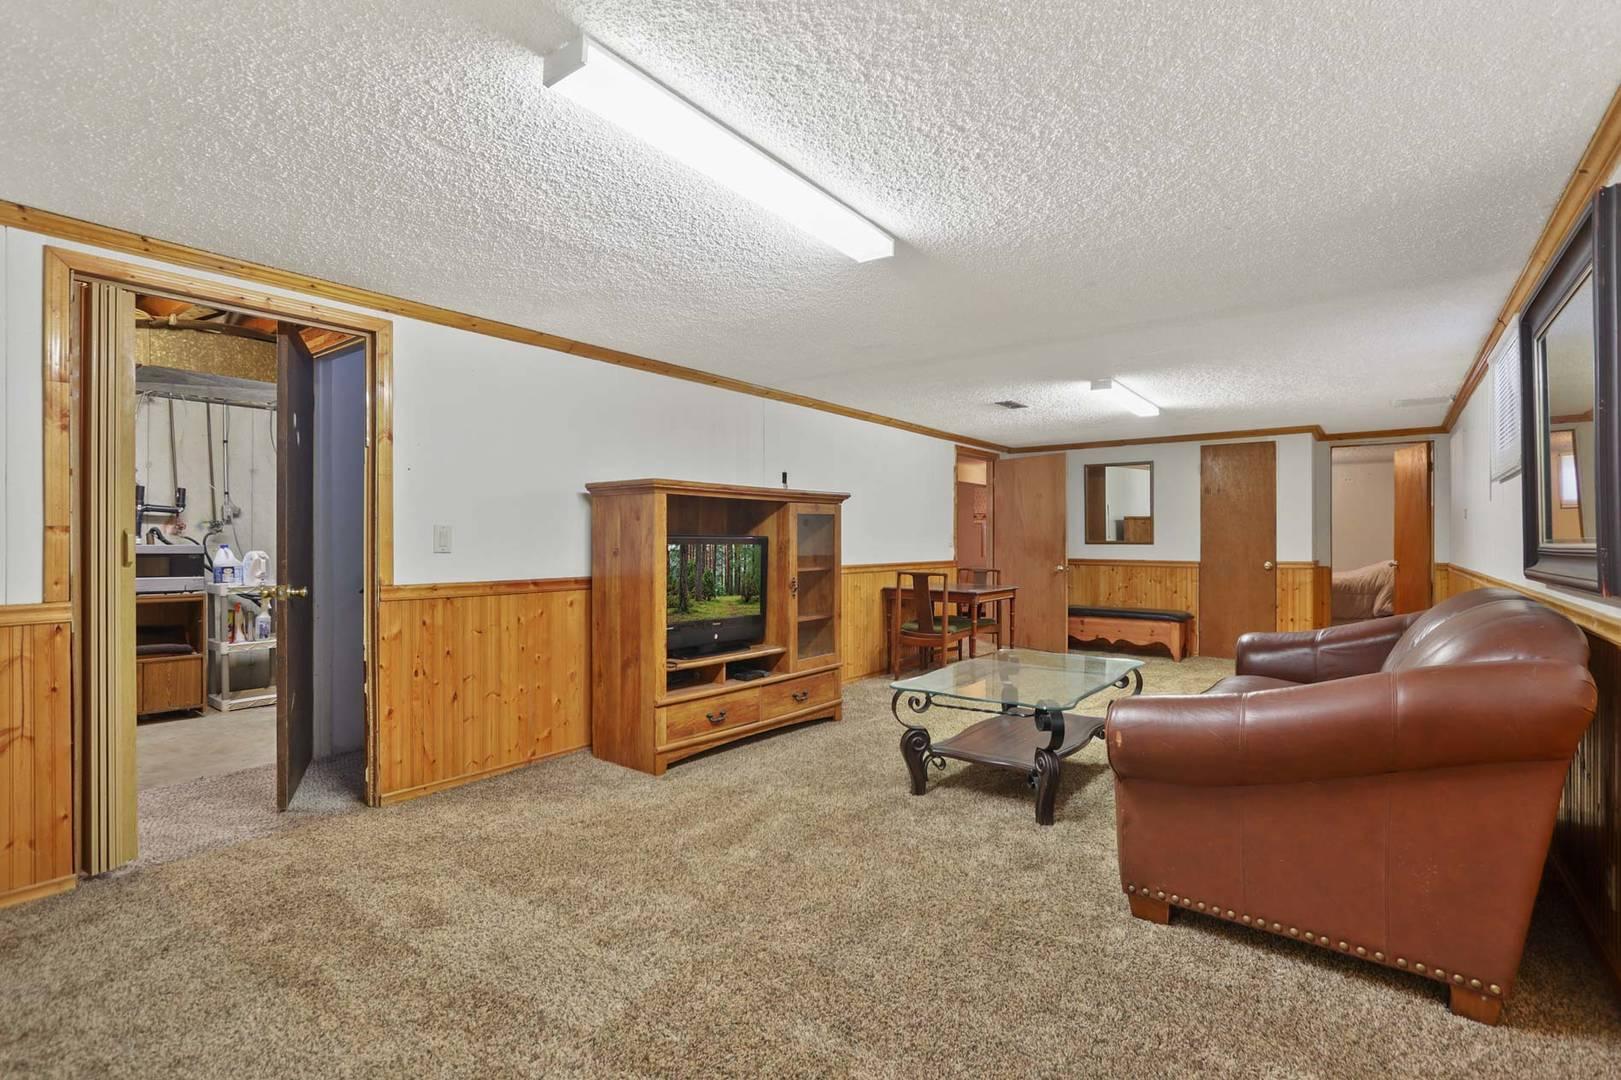 12210 E 25th Ave Spokane Valley, WA 99206